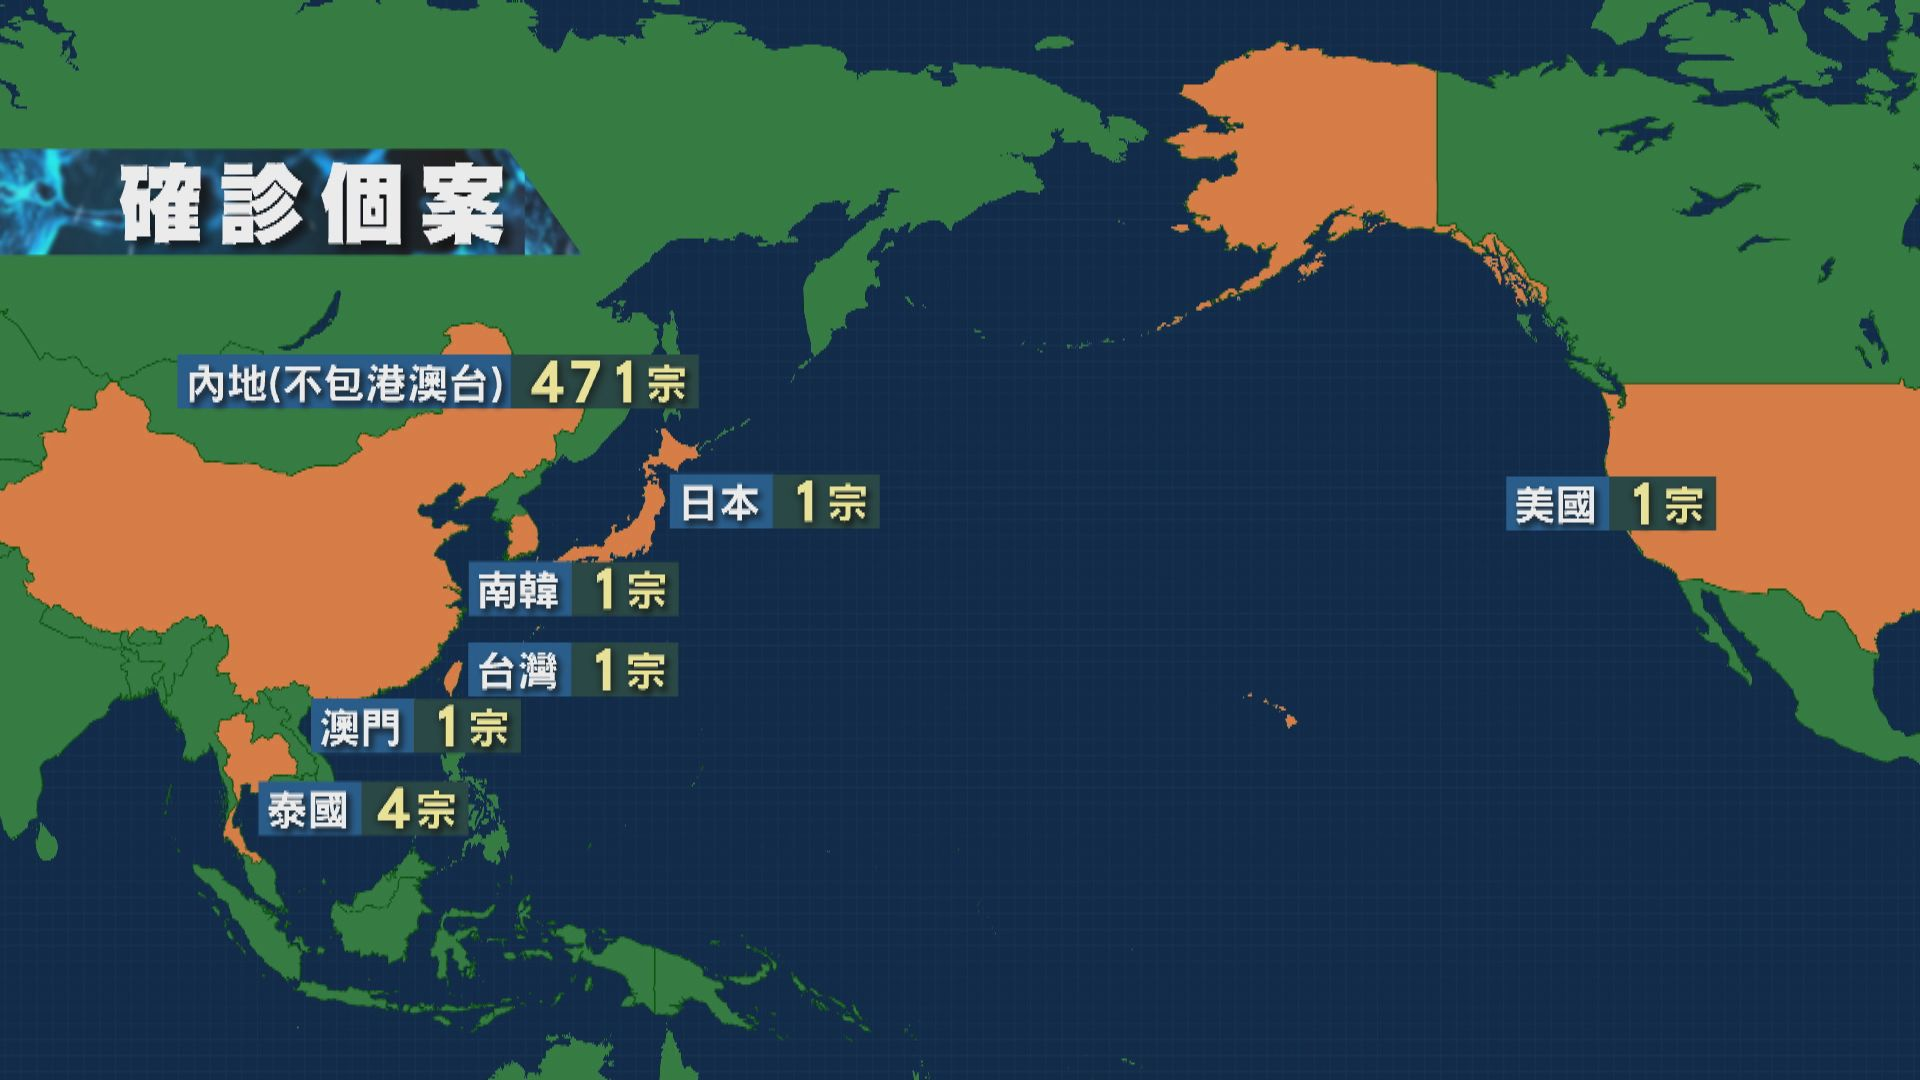 全球累計新型冠狀病毒肺炎病例增至480宗